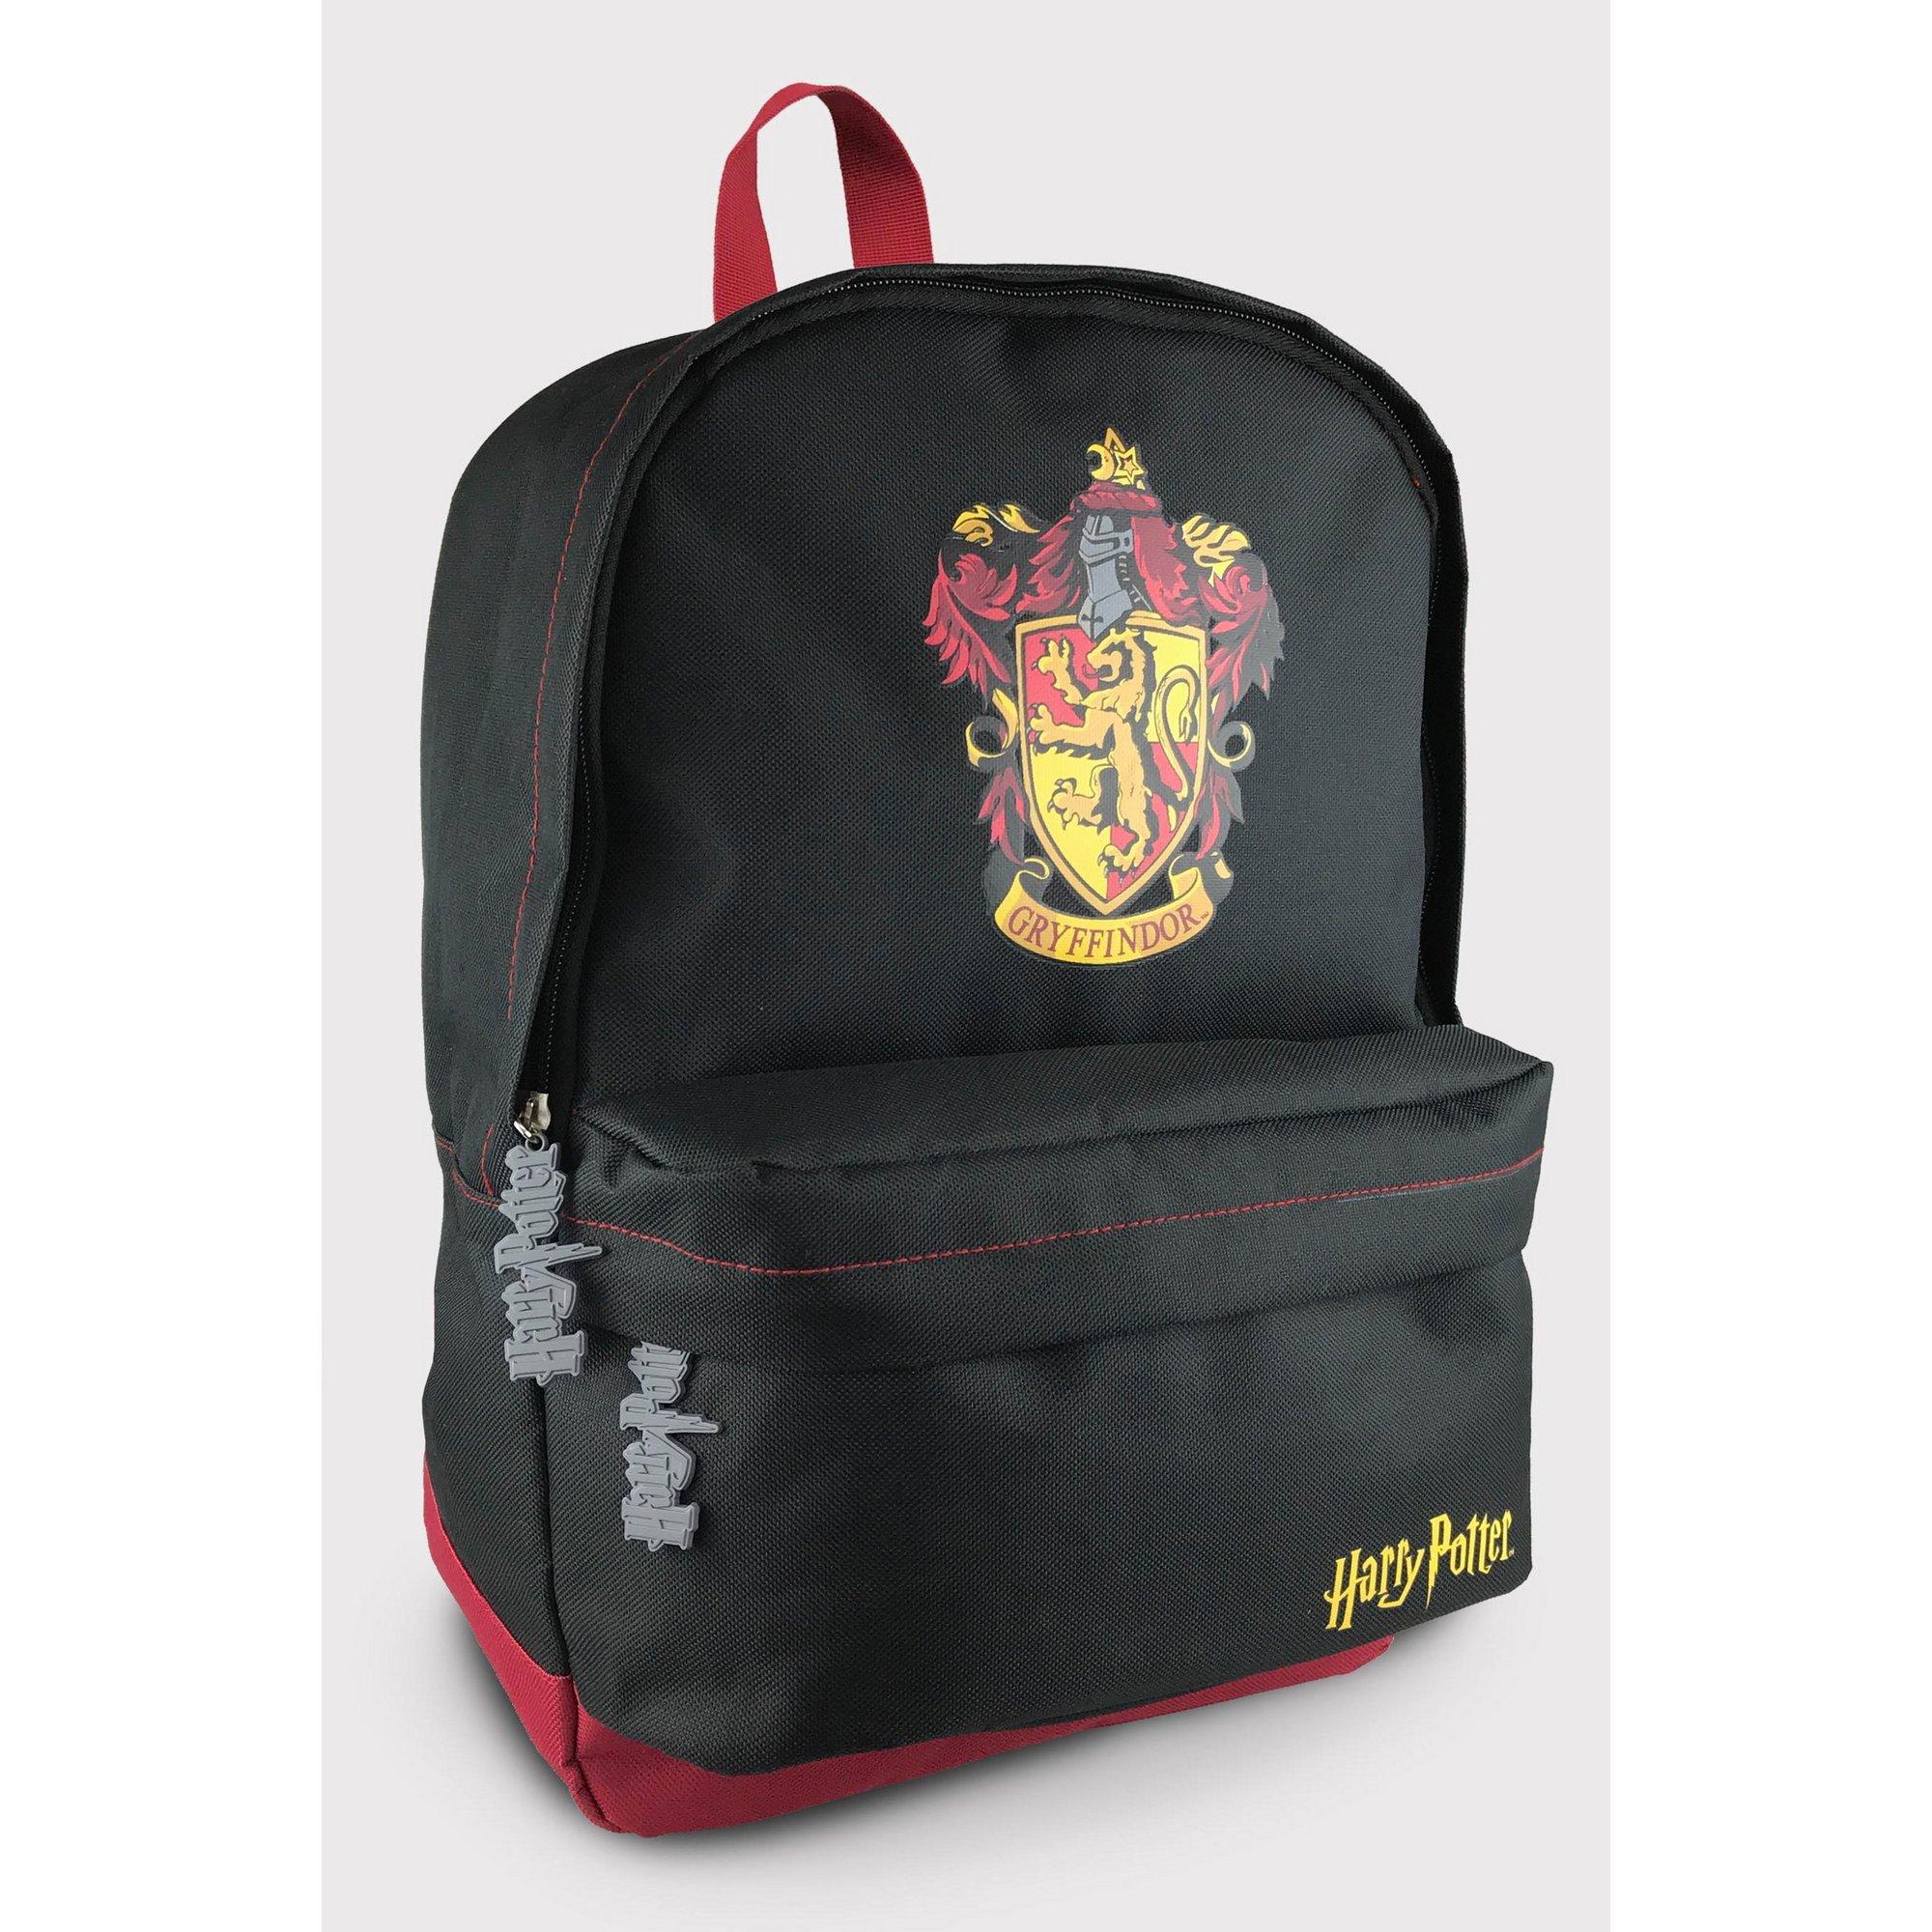 Image of Gryffindor Harry Potter Back to School Backpack